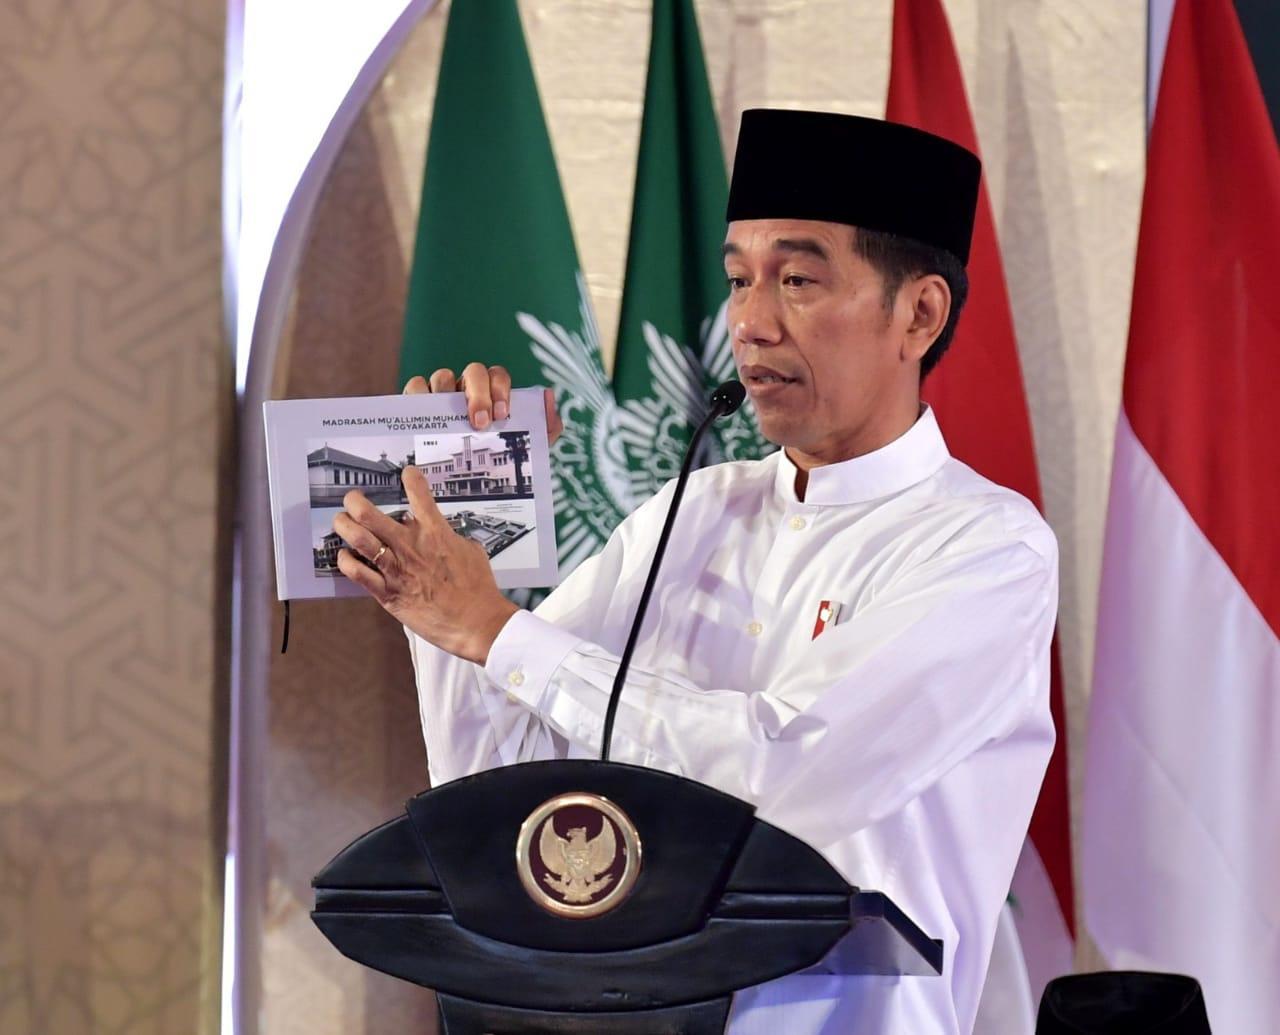 Presiden: Pembangunan Infrastruktur Bukan Hanya Urusan Ekonomi, Tapi Juga Persatuan Bangsa